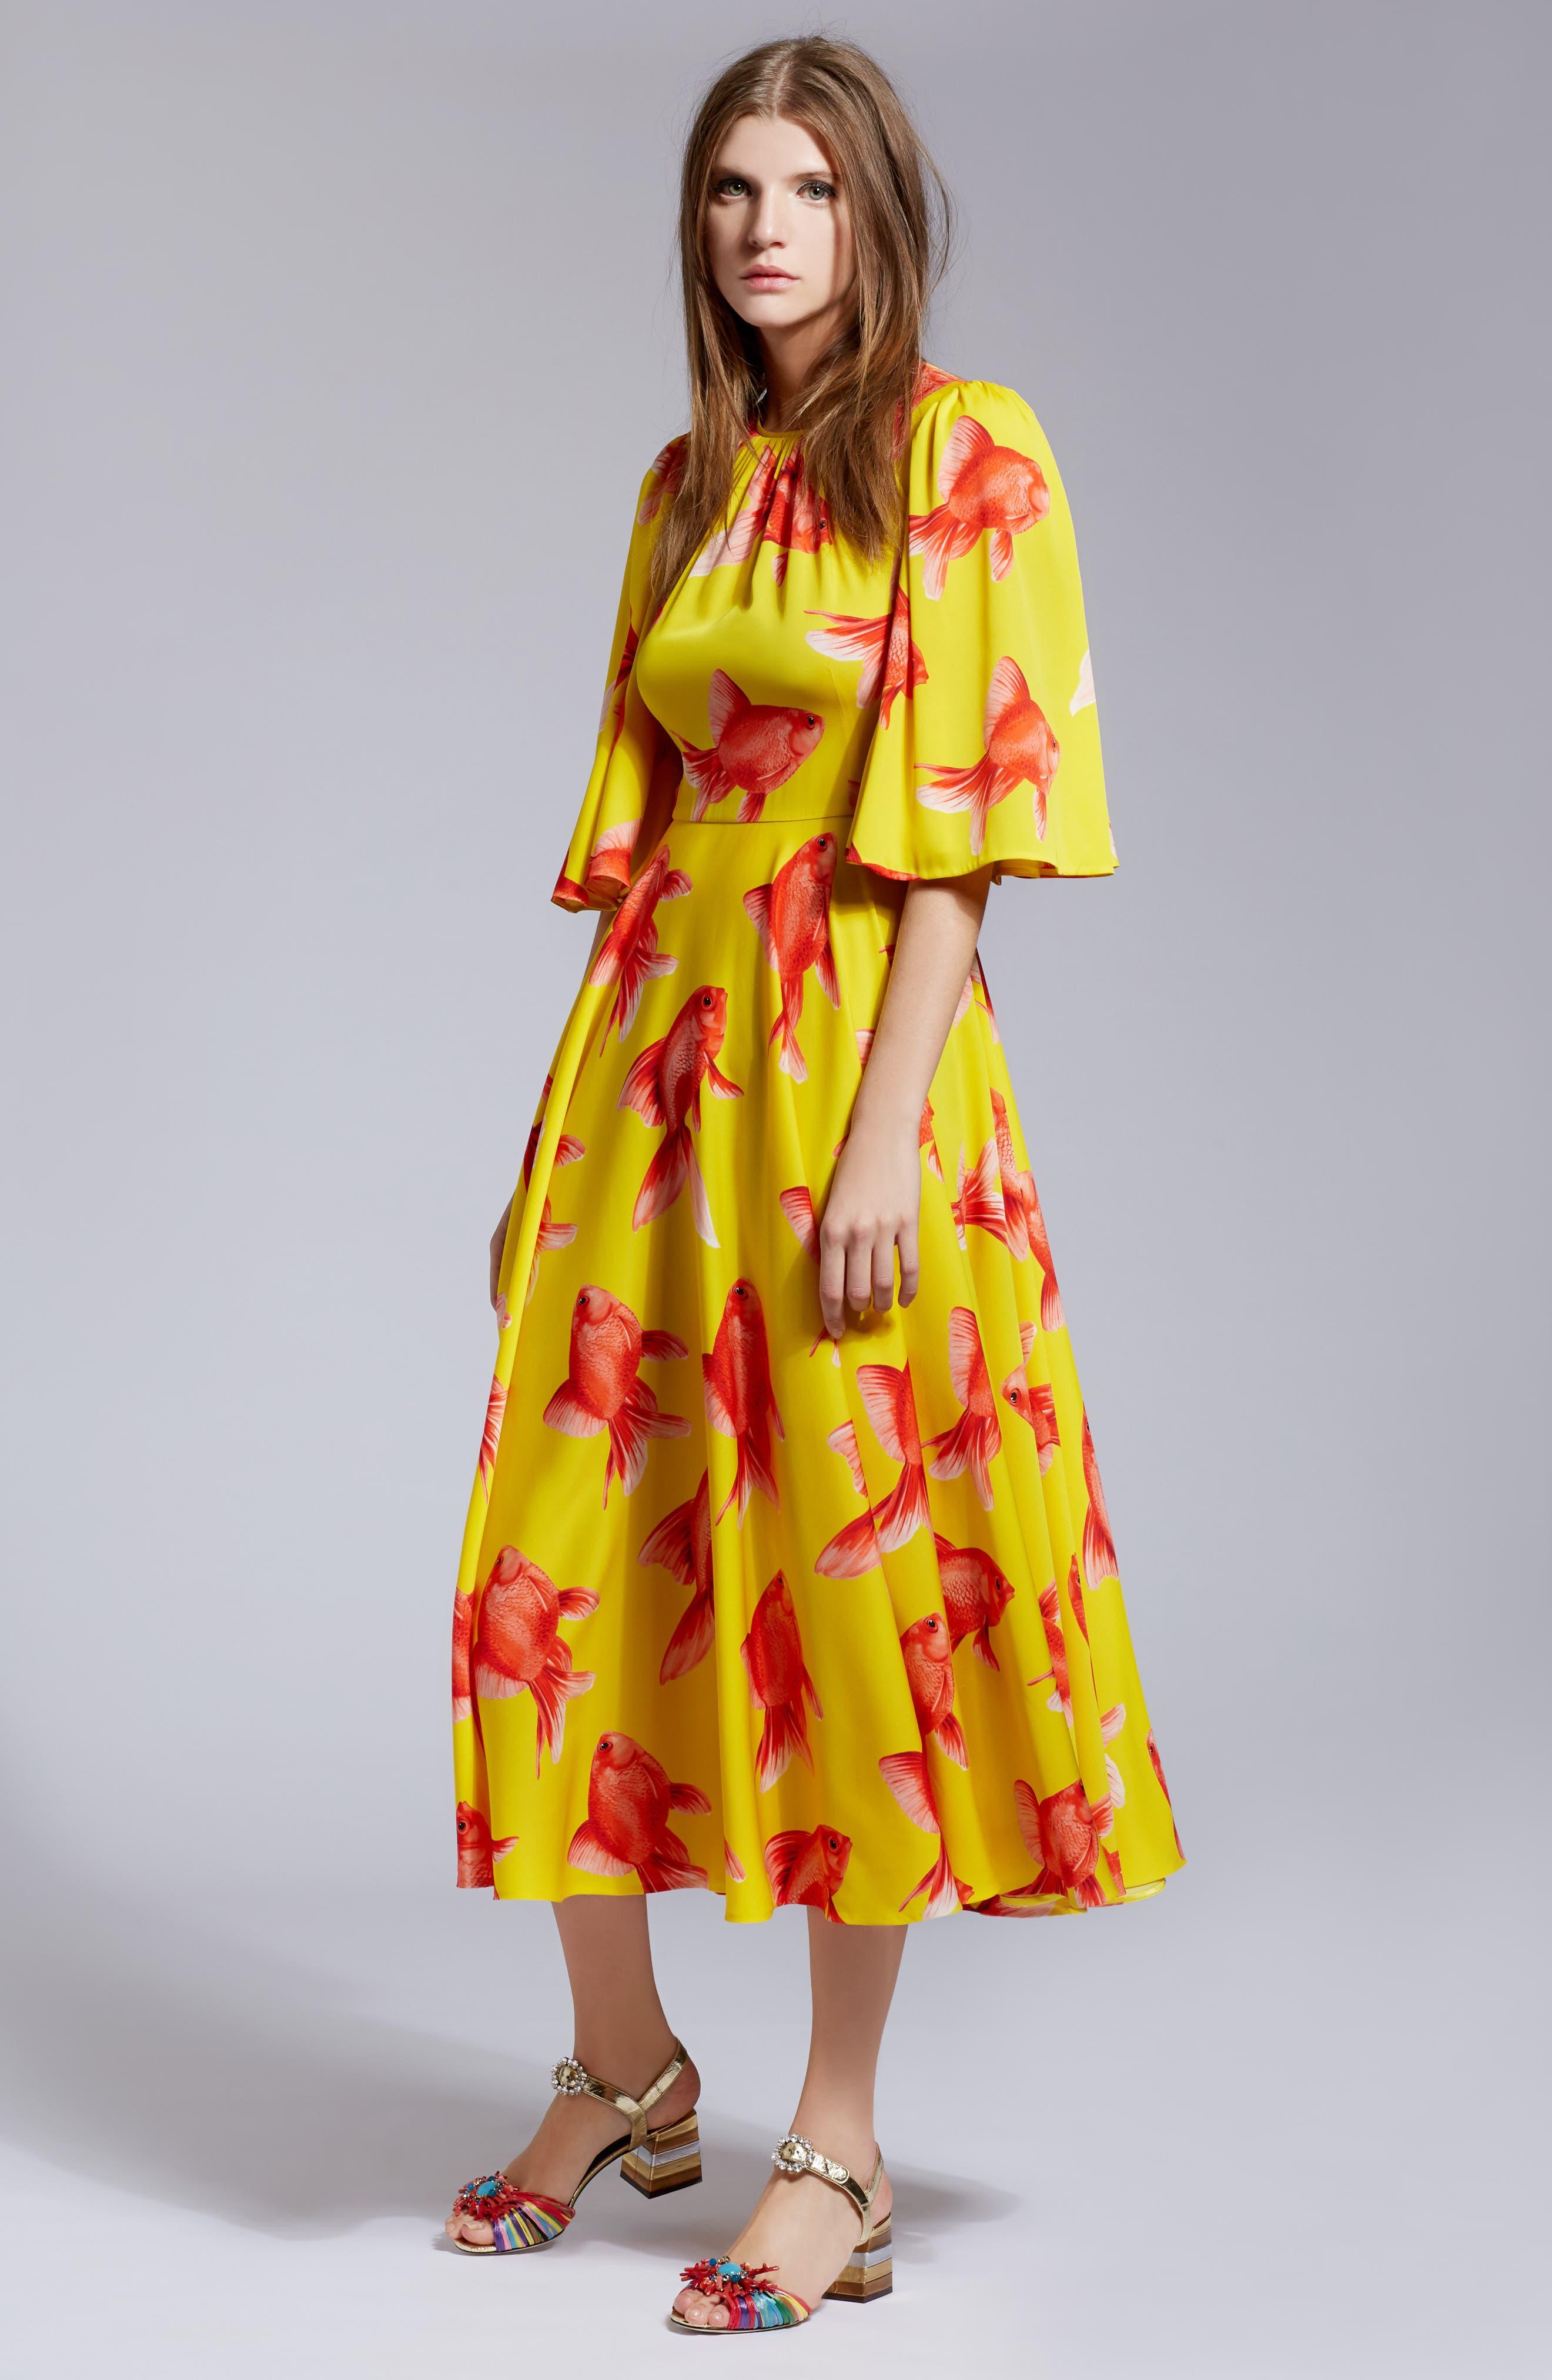 Goldfish Print Silk Blend Charmeuse Dress,                             Alternate thumbnail 6, color,                             701